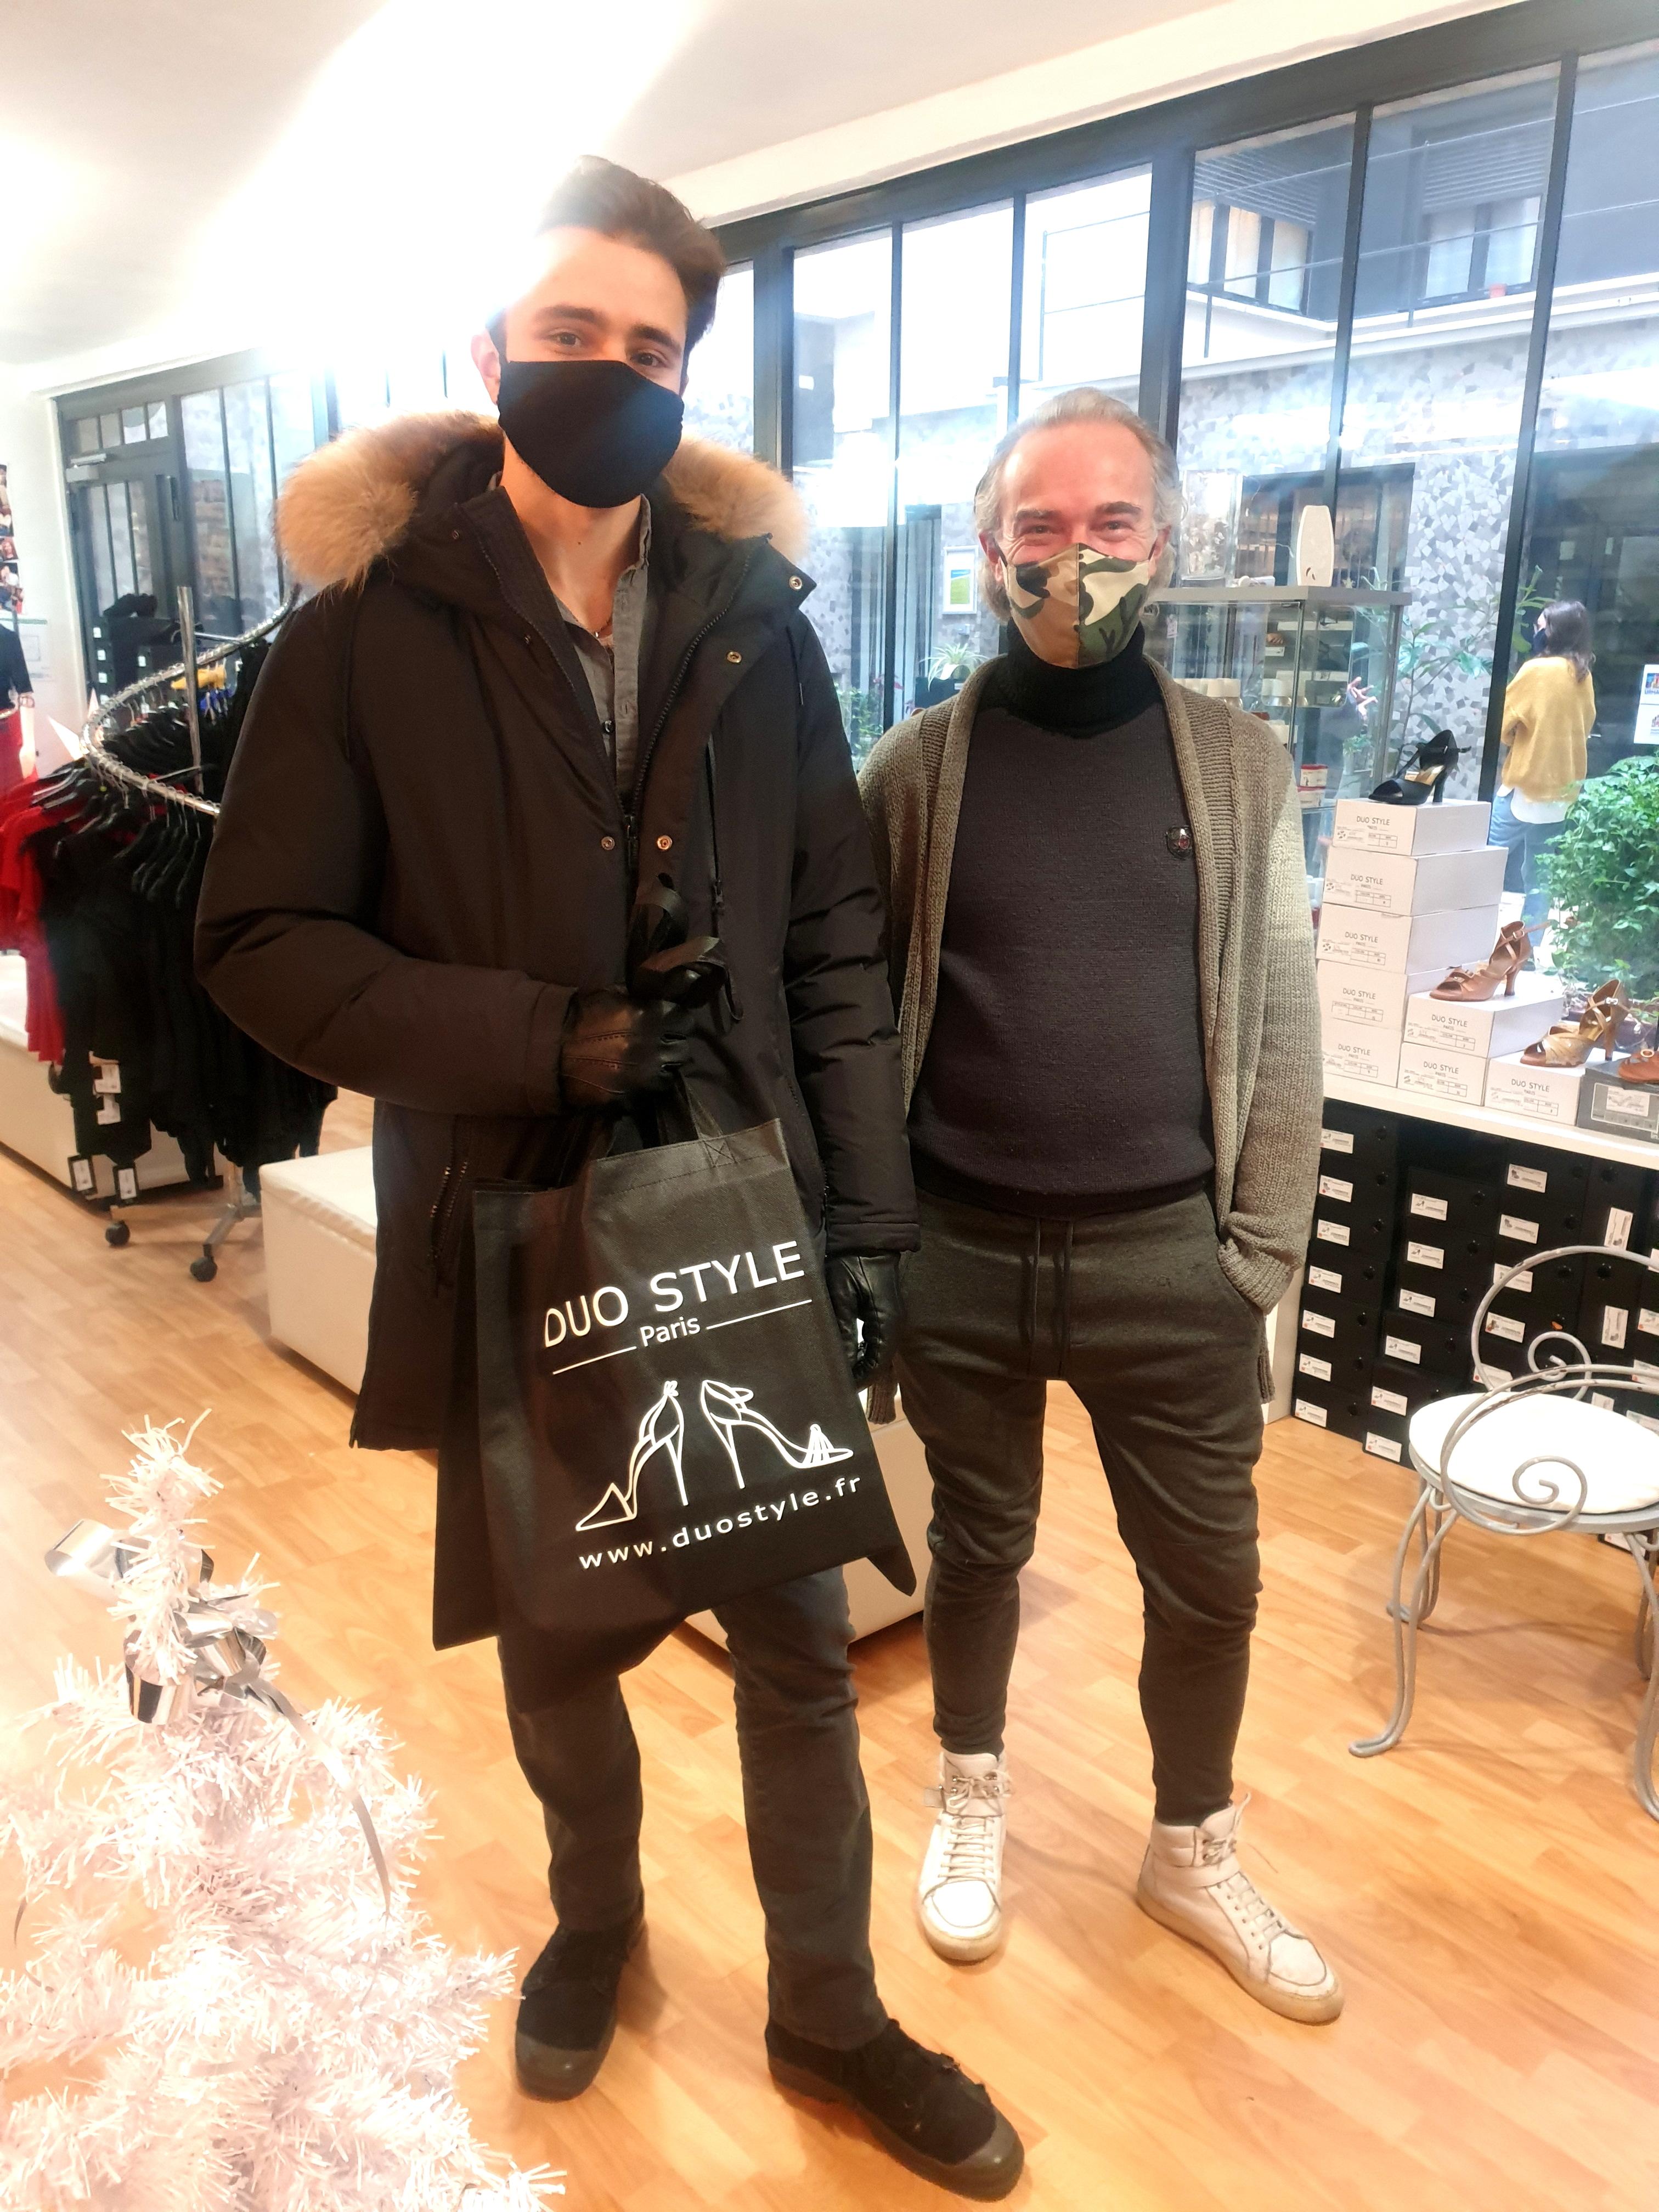 Sam TEXIER et Anastasia PONOMAREVA à DUO STYLE pour leurs chaussures DANCE STAR Shoes